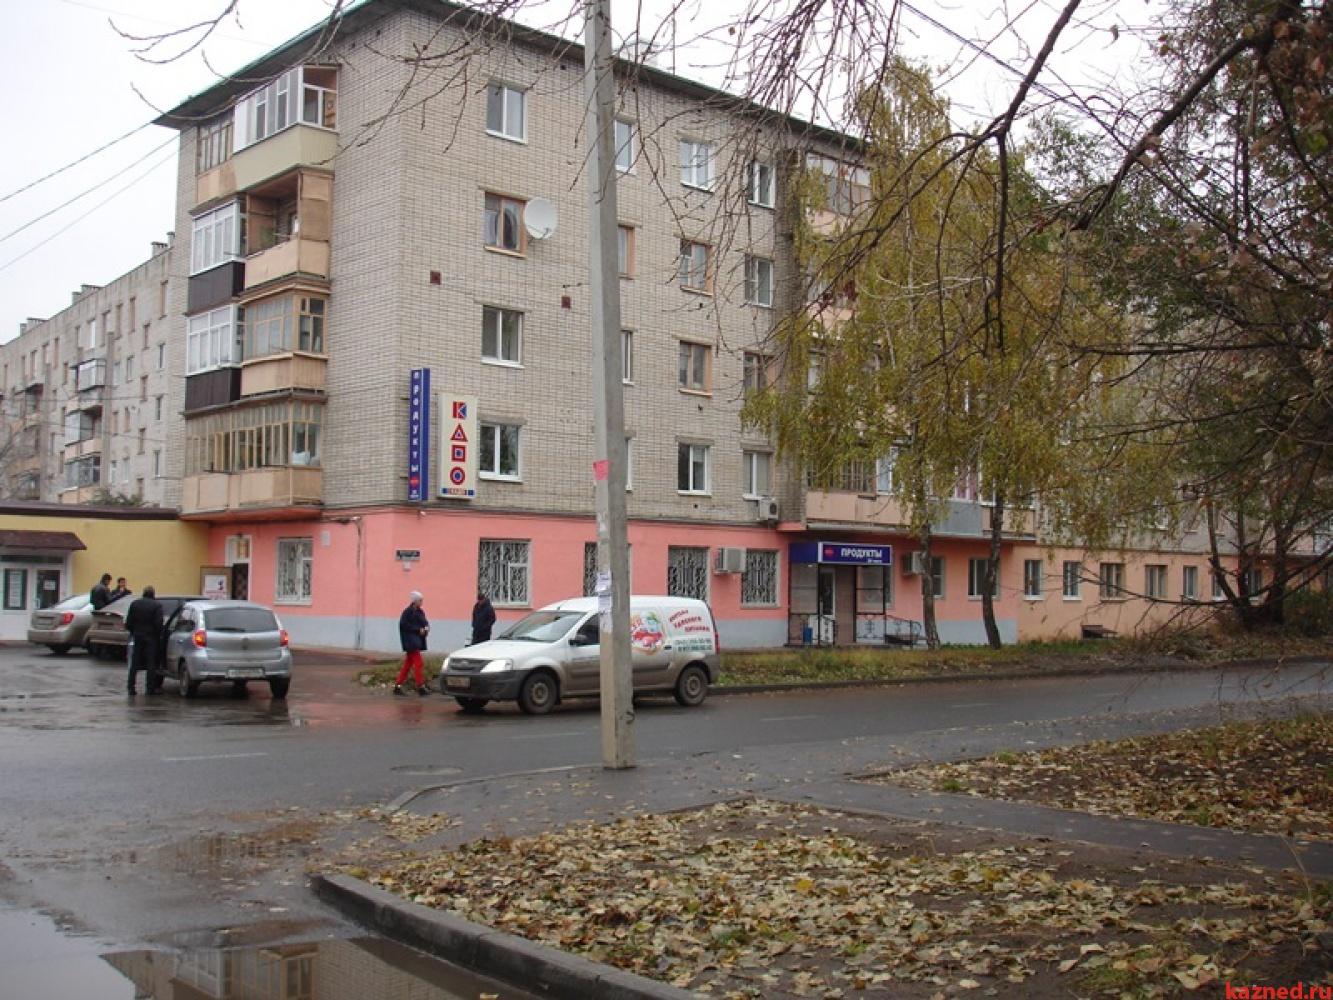 Продажа 1-к квартиры Шоссейная,24, 34 м²  (миниатюра №12)